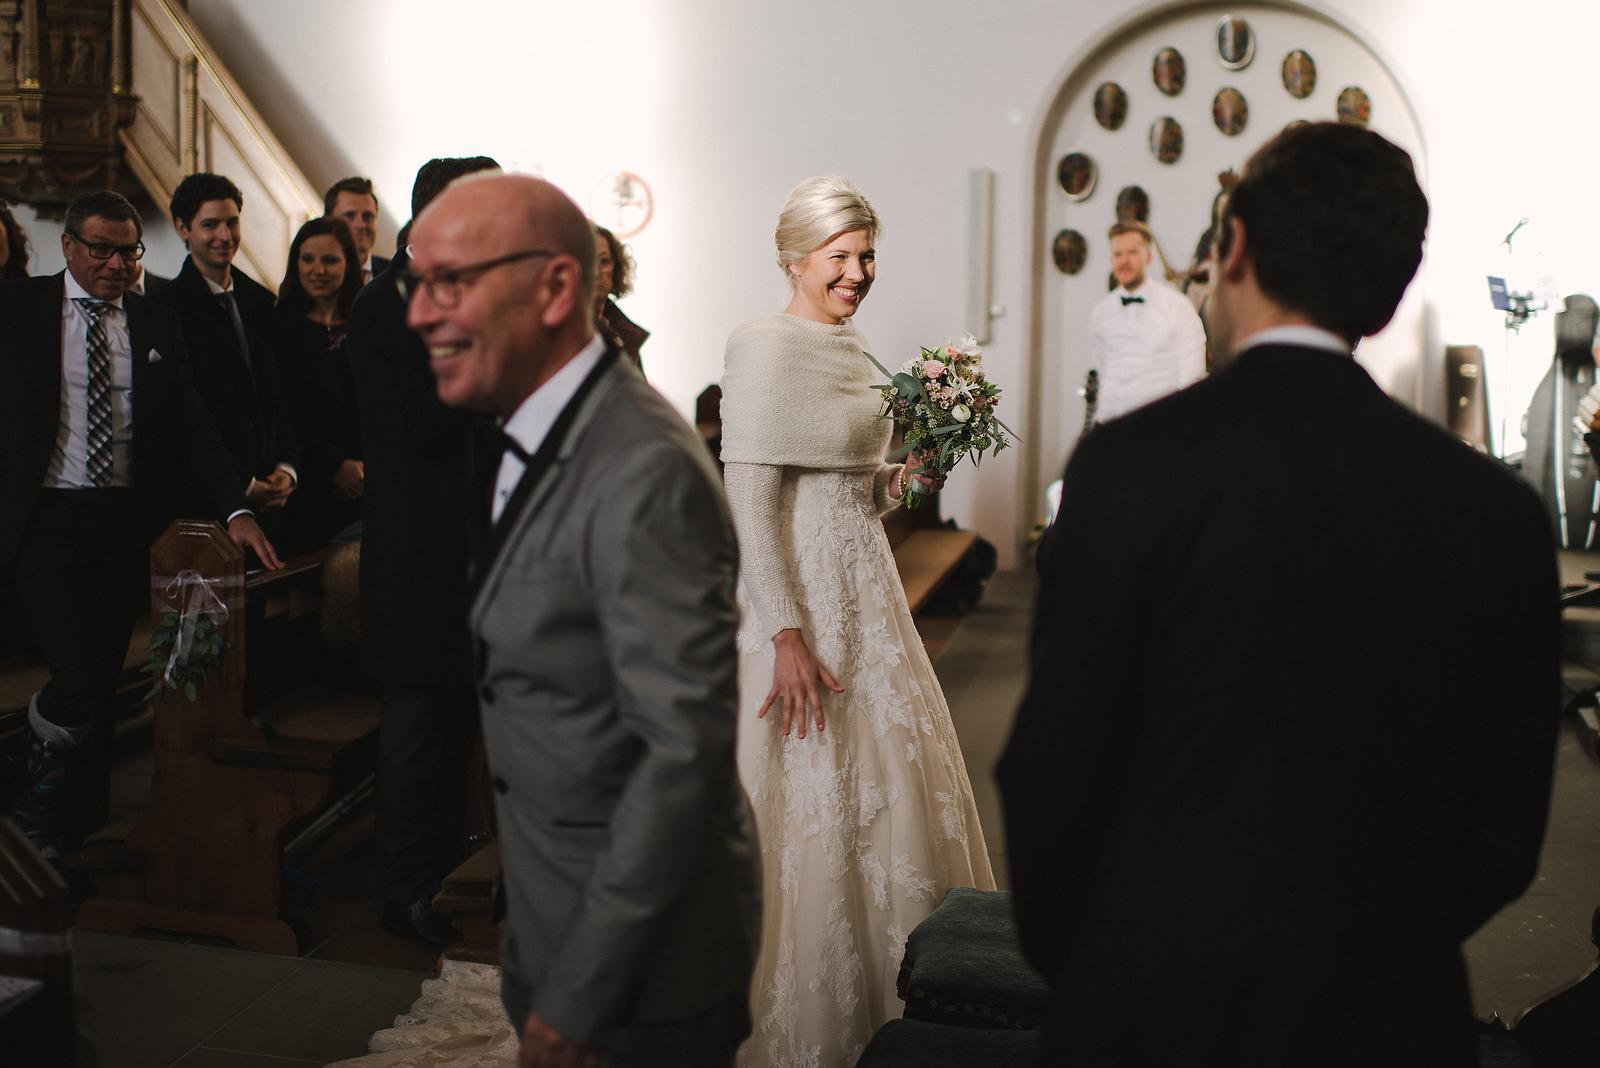 Fotograf Konstanz - Hochzeit Friedrichshafen Bodensee Hochzeitsfotograf EFP 13 - Silvester Hochzeit in Hagnau / Friedrichshafen am Bodensee  - 10 -